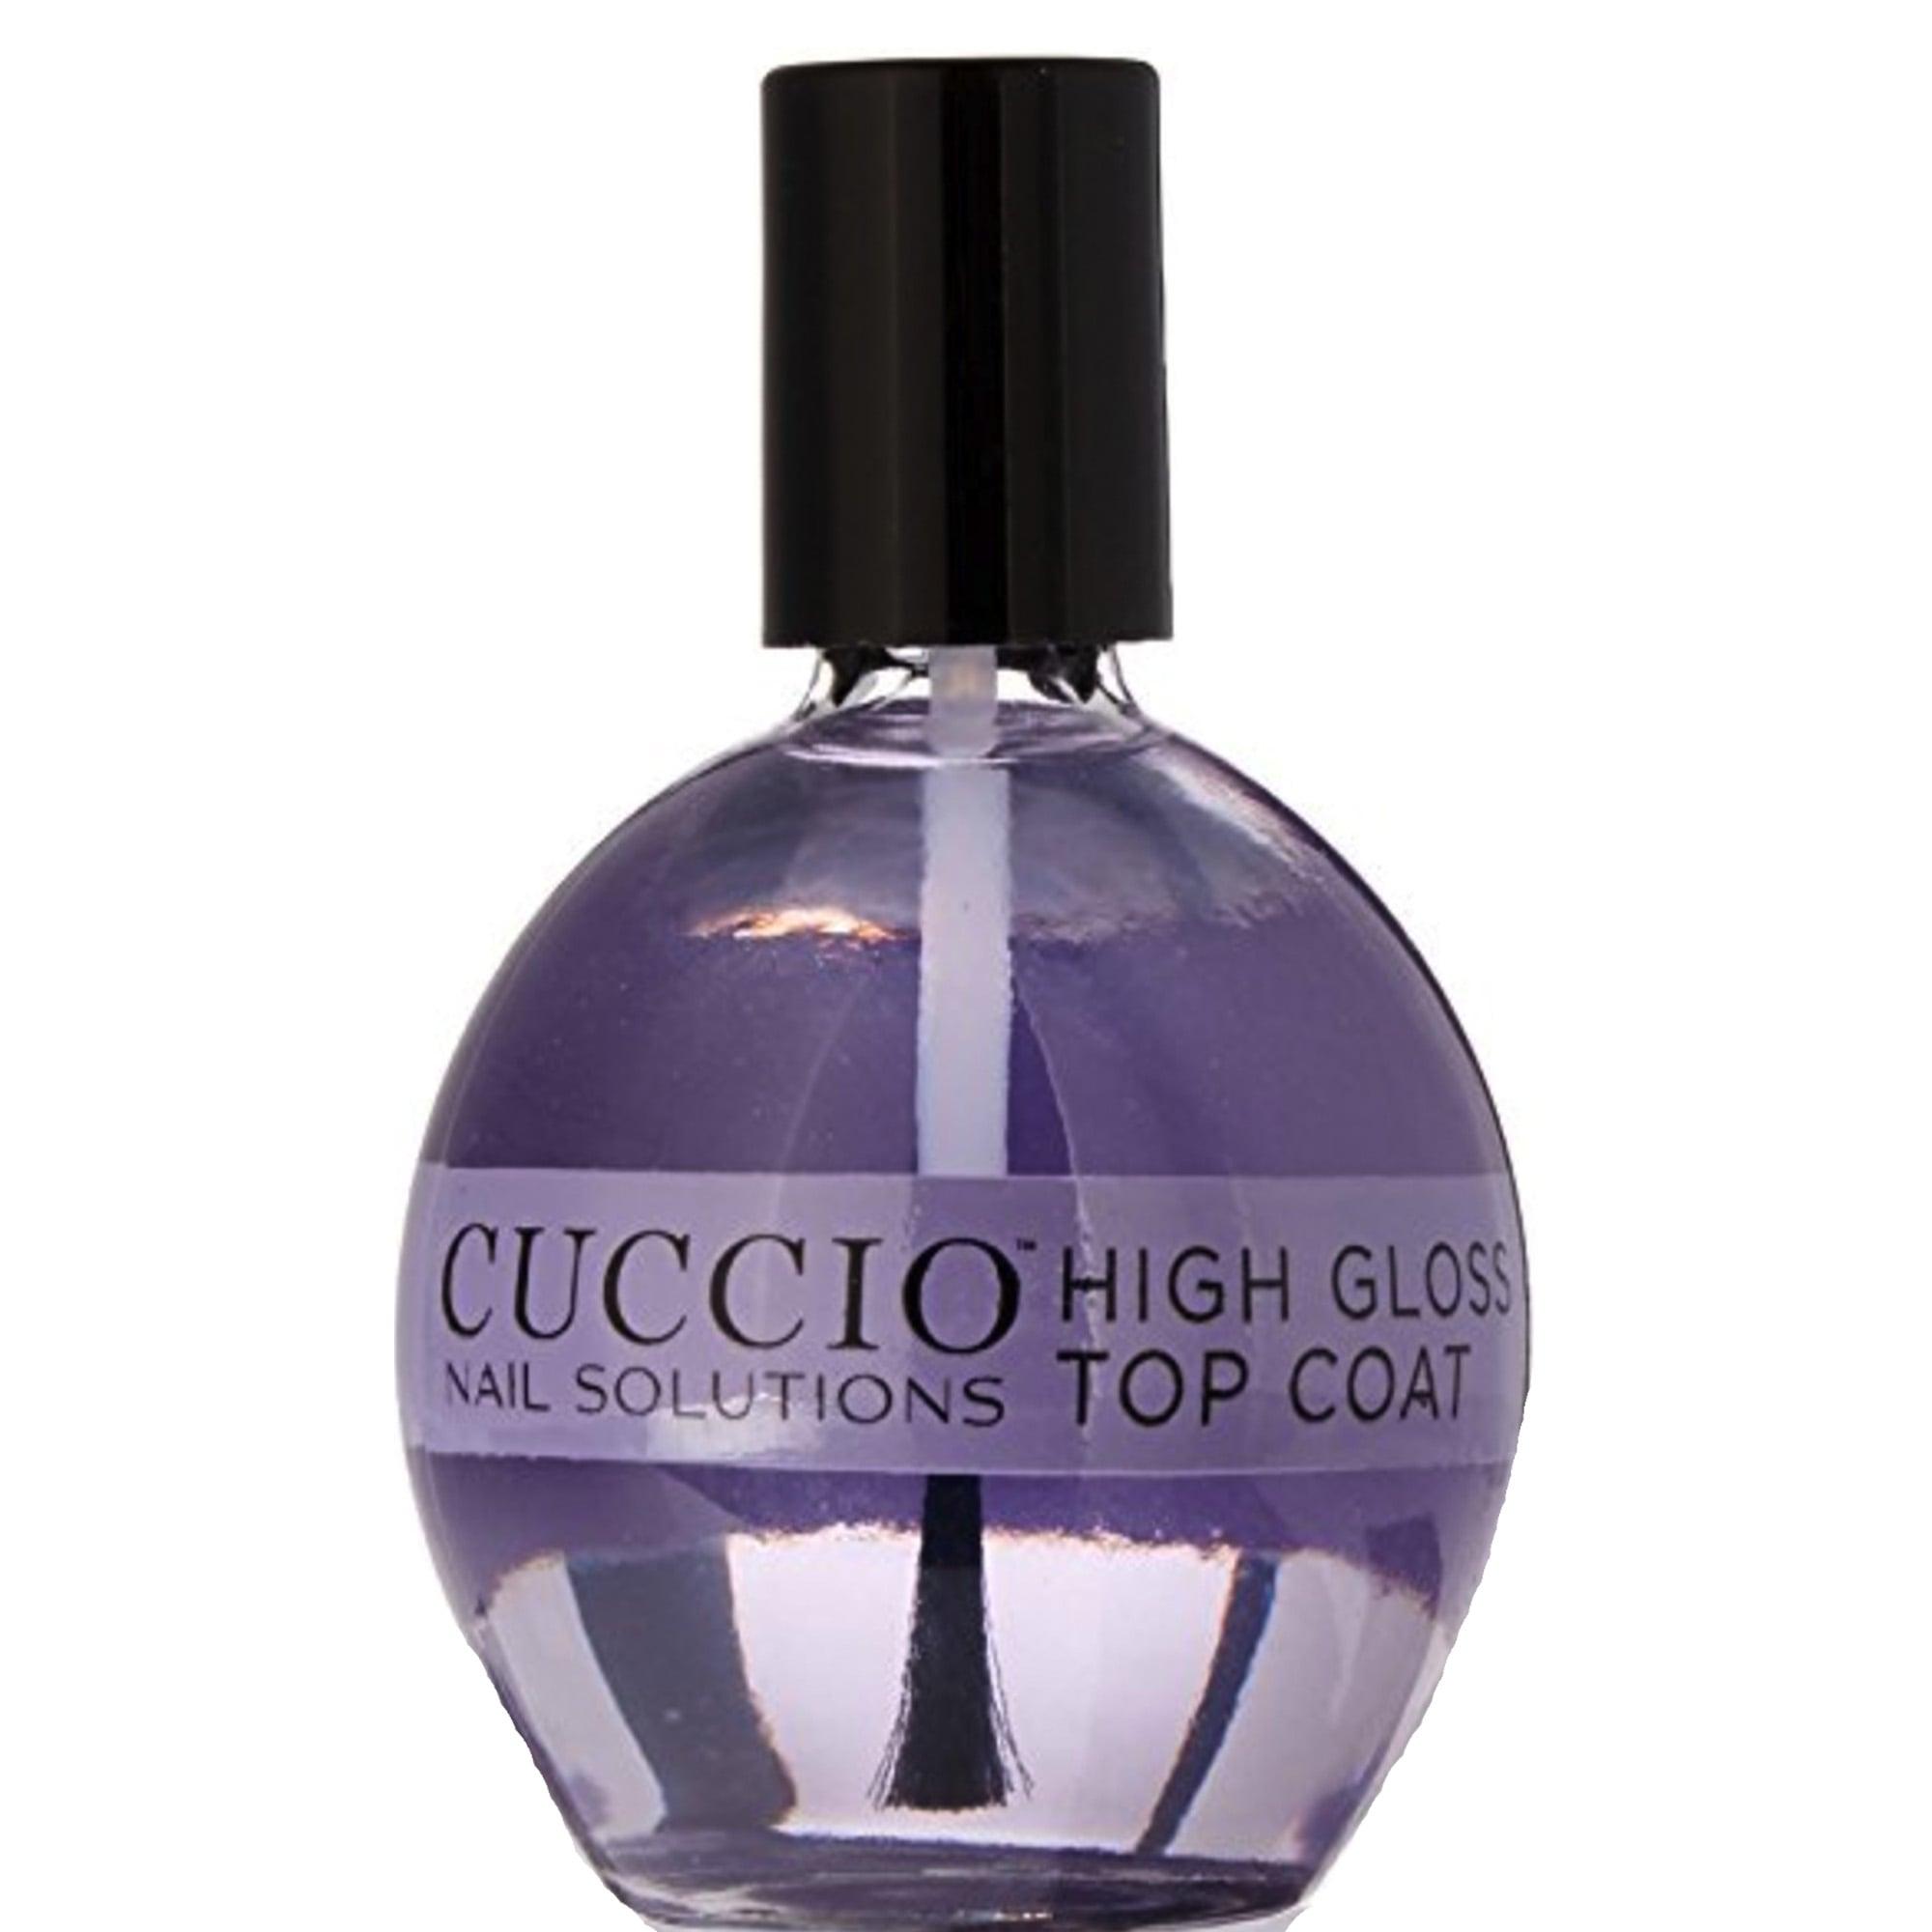 Nail Solutions High Gloss Top Coat 2.5oz